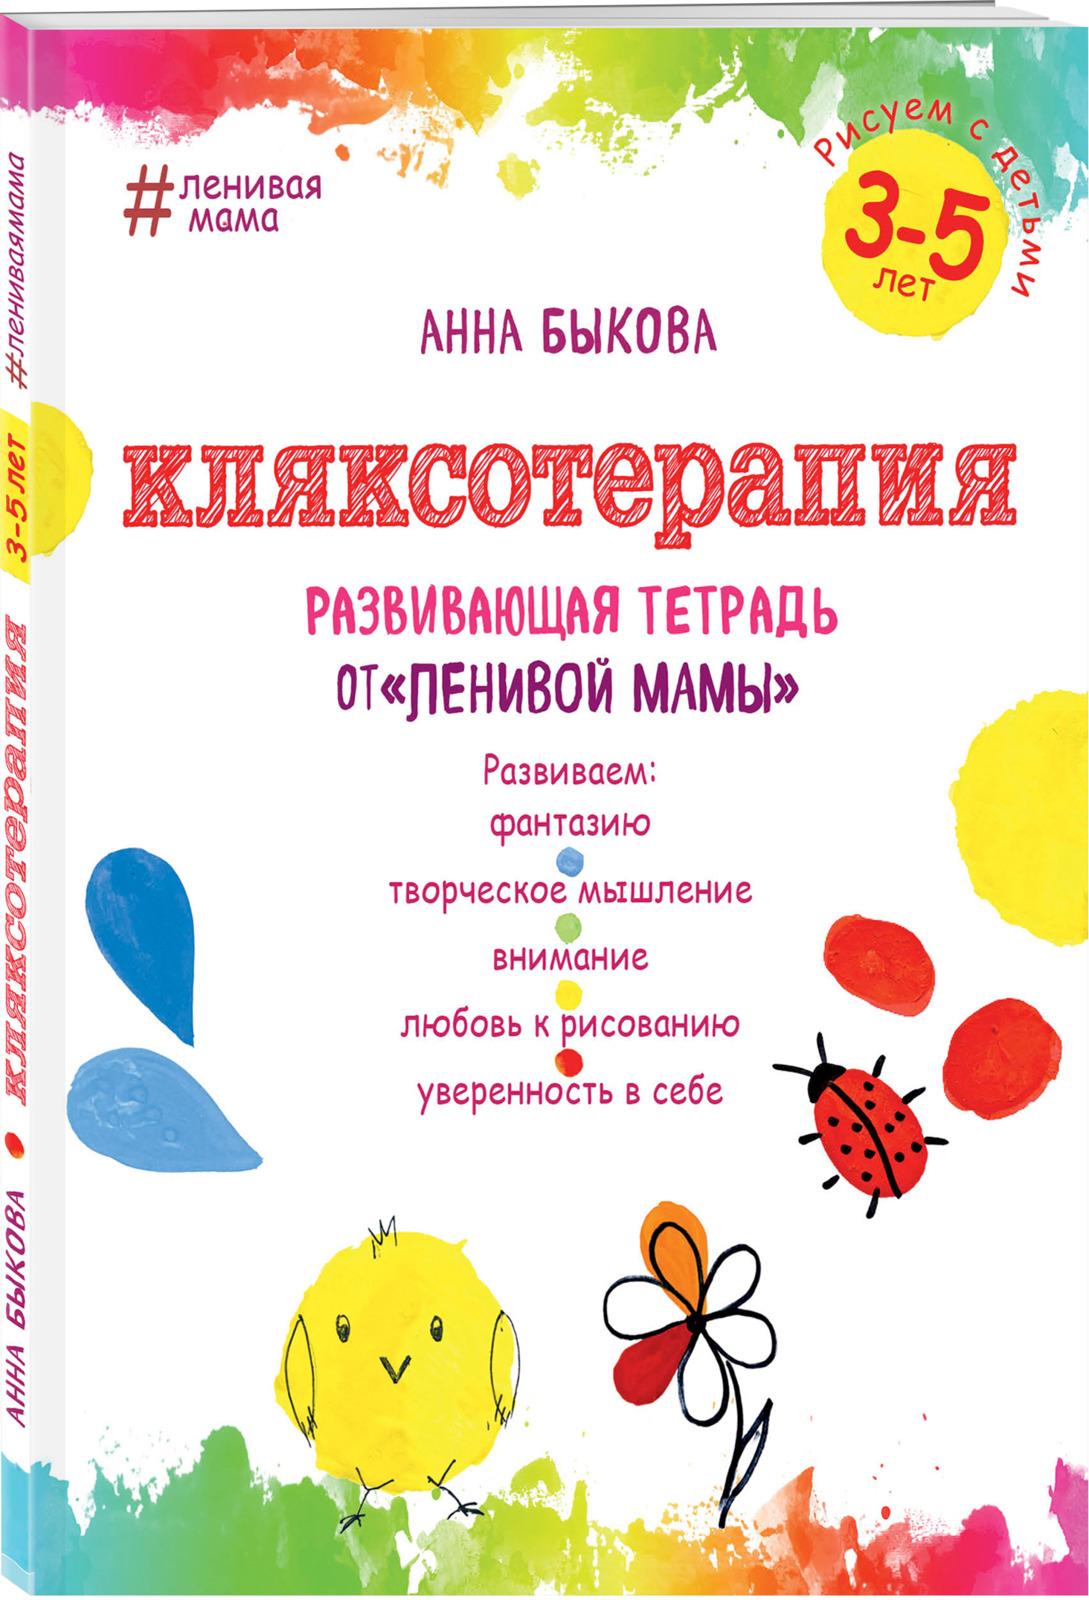 """Анна Быкова Кляксотерапия. Рисуем с детьми 3-5 лет, развивающая тетрадь от """"ленивой мамы"""""""